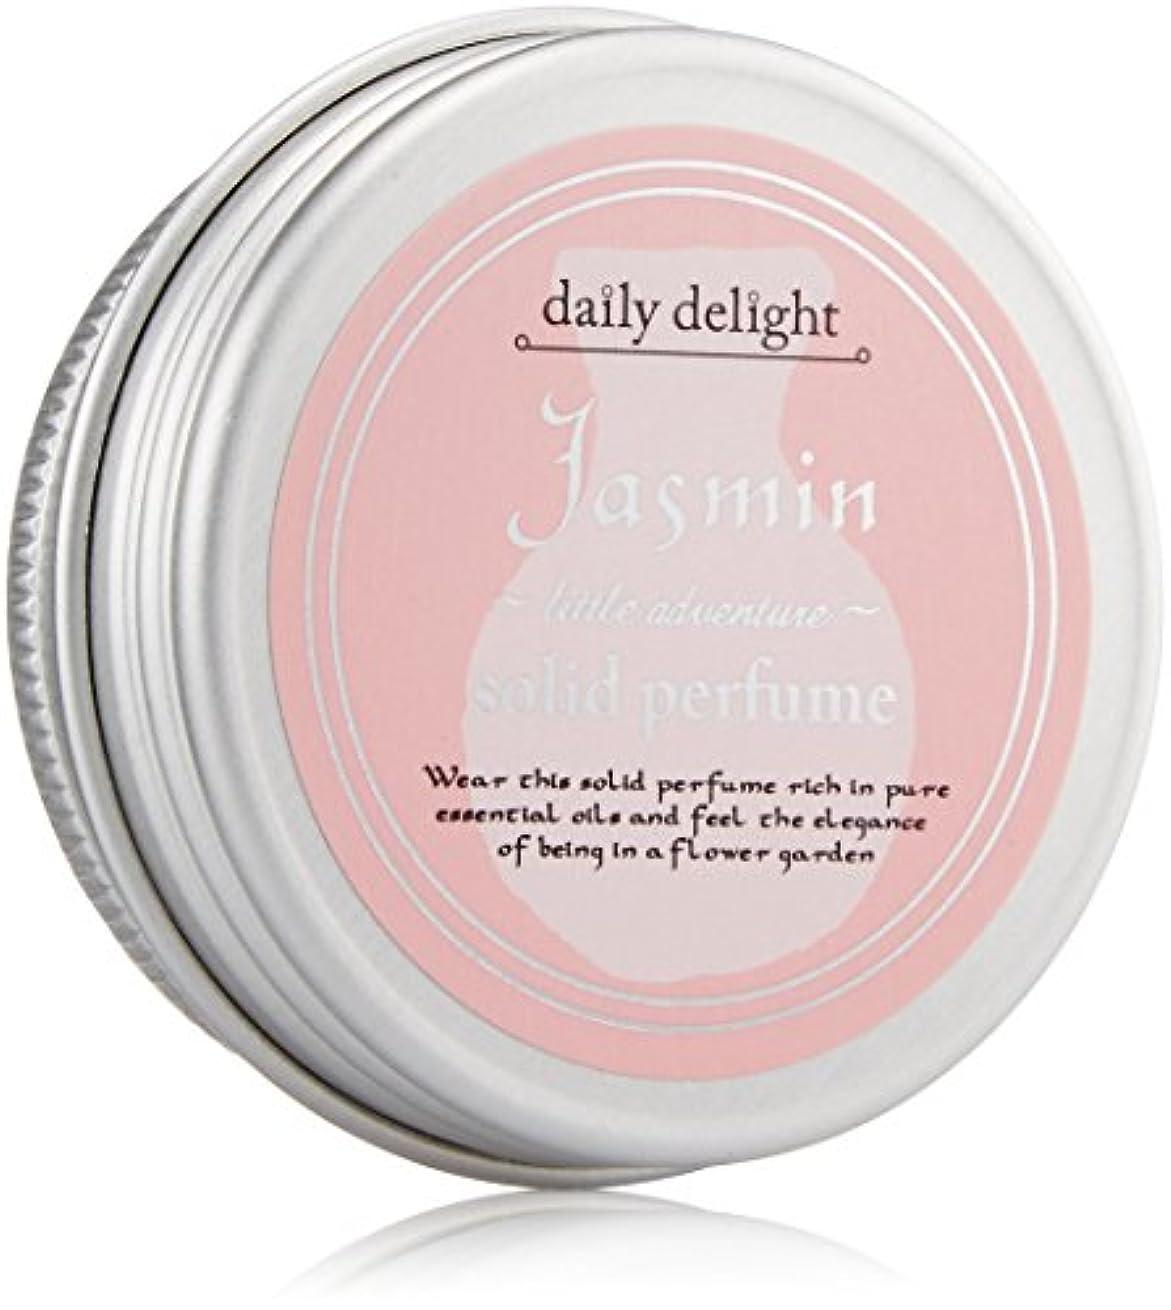 デイリーディライト 練り香水 ジャスミン  10g(香水 携帯用 ソリッドパフューム アルコールフリー 奥深く魅了されるジャスミンの香り)